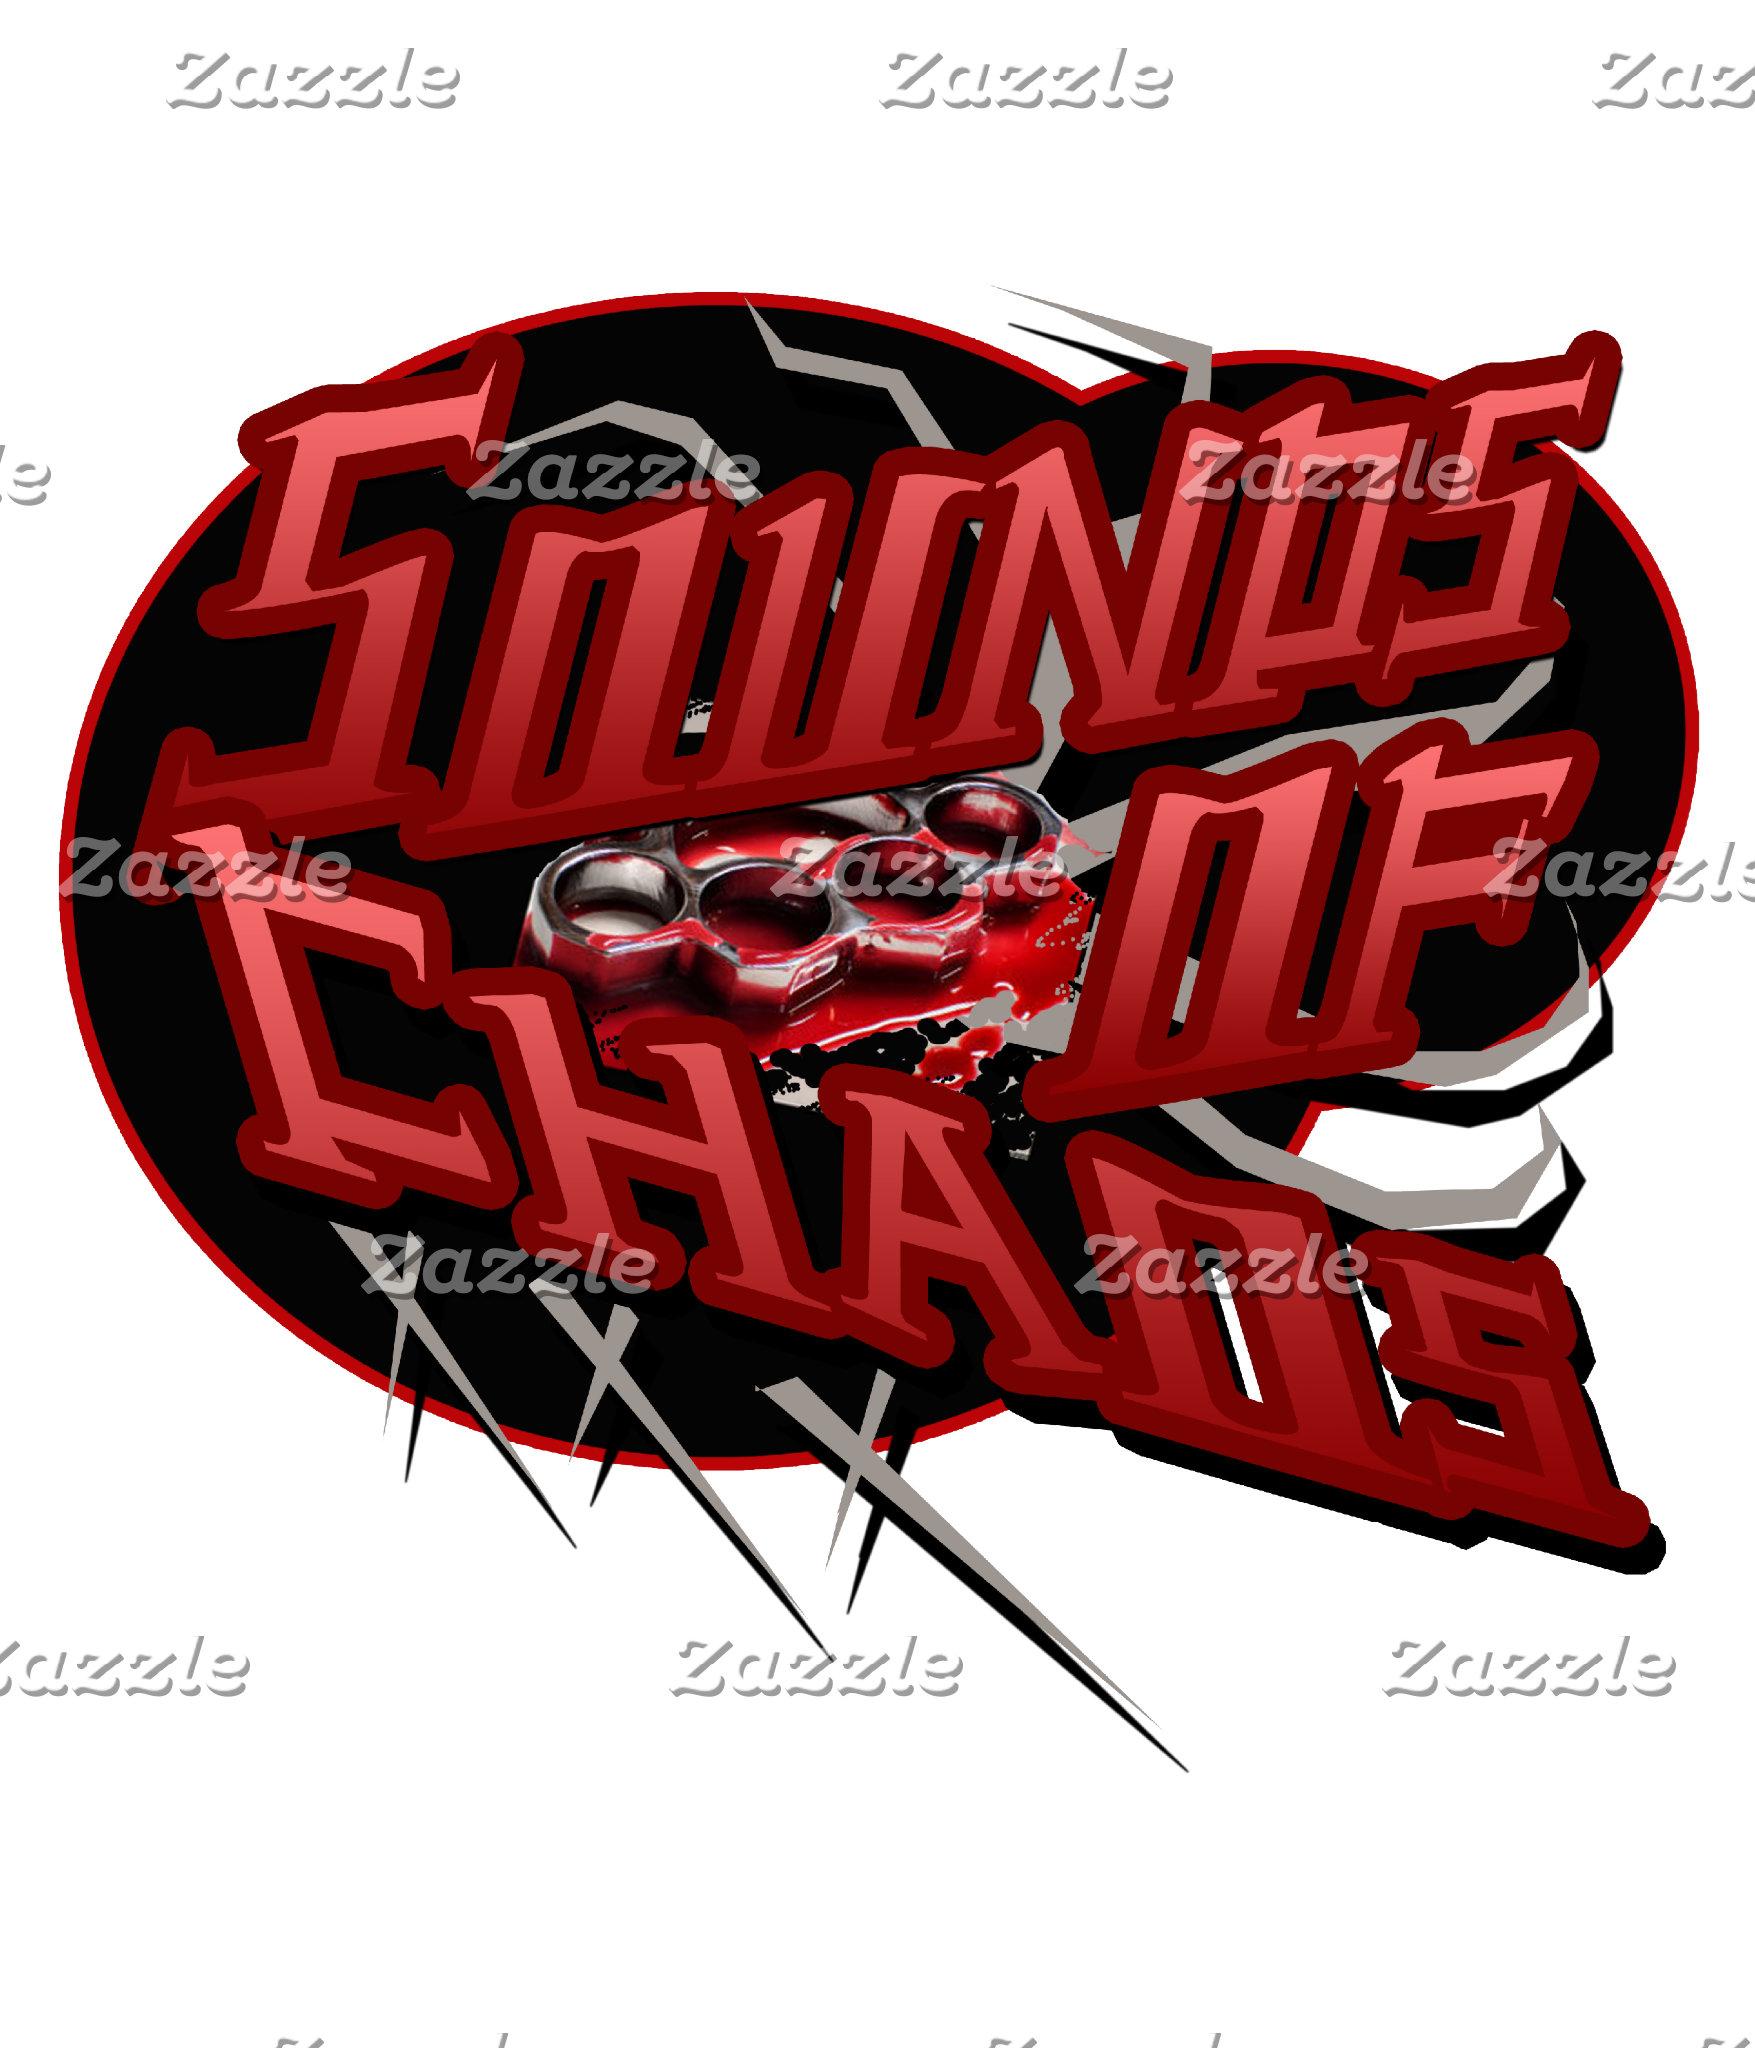 Sounds of Chaos Punk Rock Music shirts